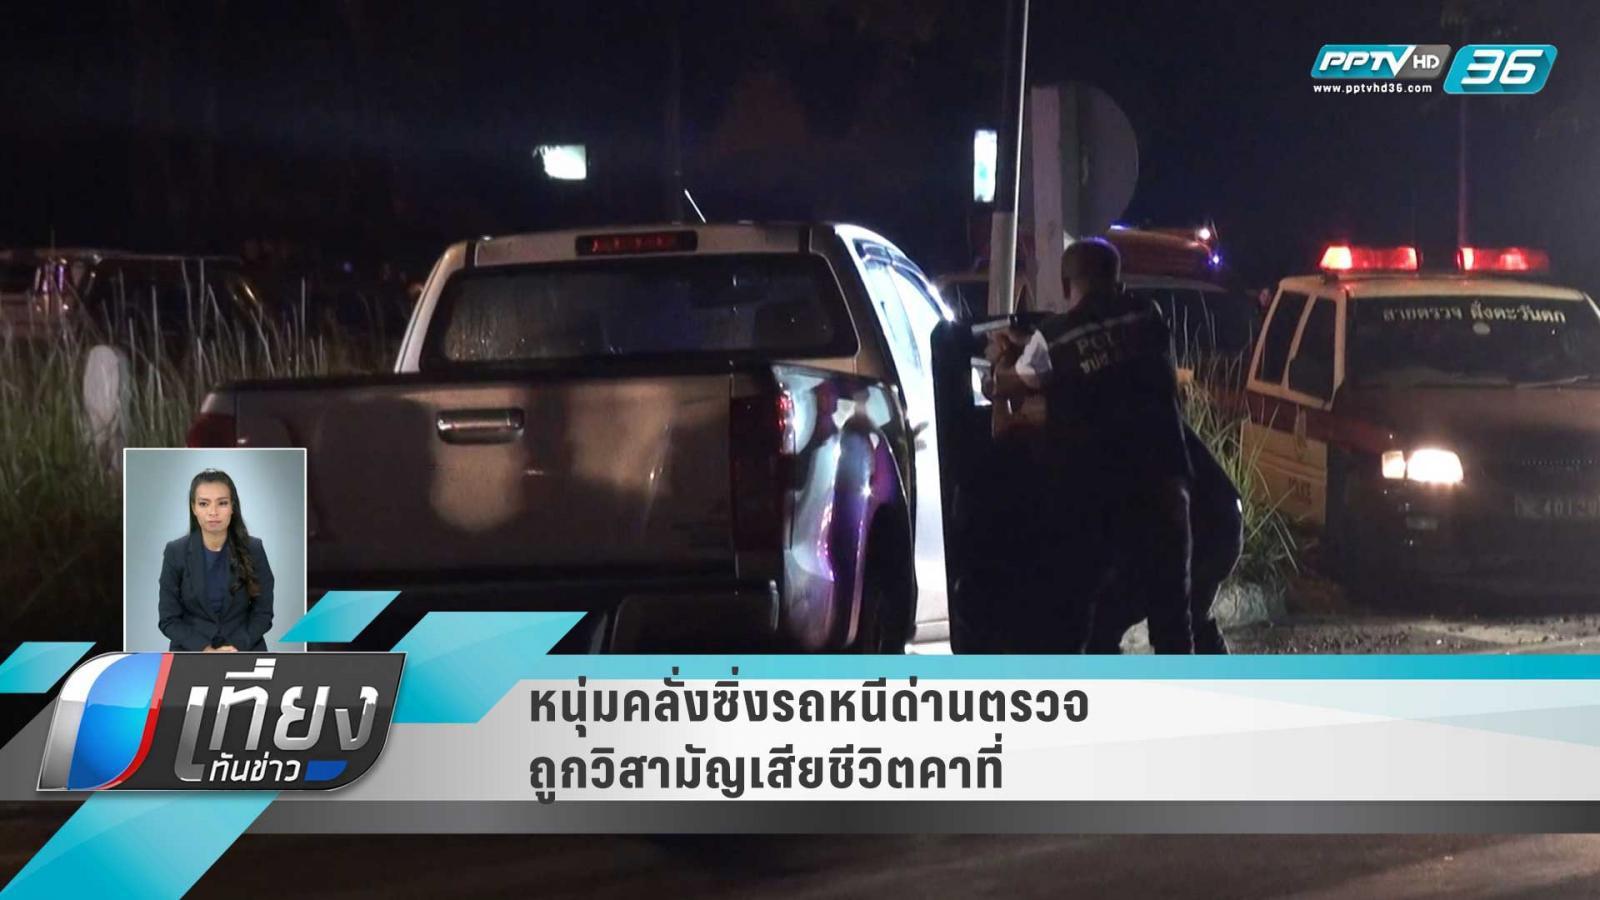 หนุ่มคลั่งซิ่งรถหนีด่านตรวจถูกวิสามัญเสียชีวิตคาที่